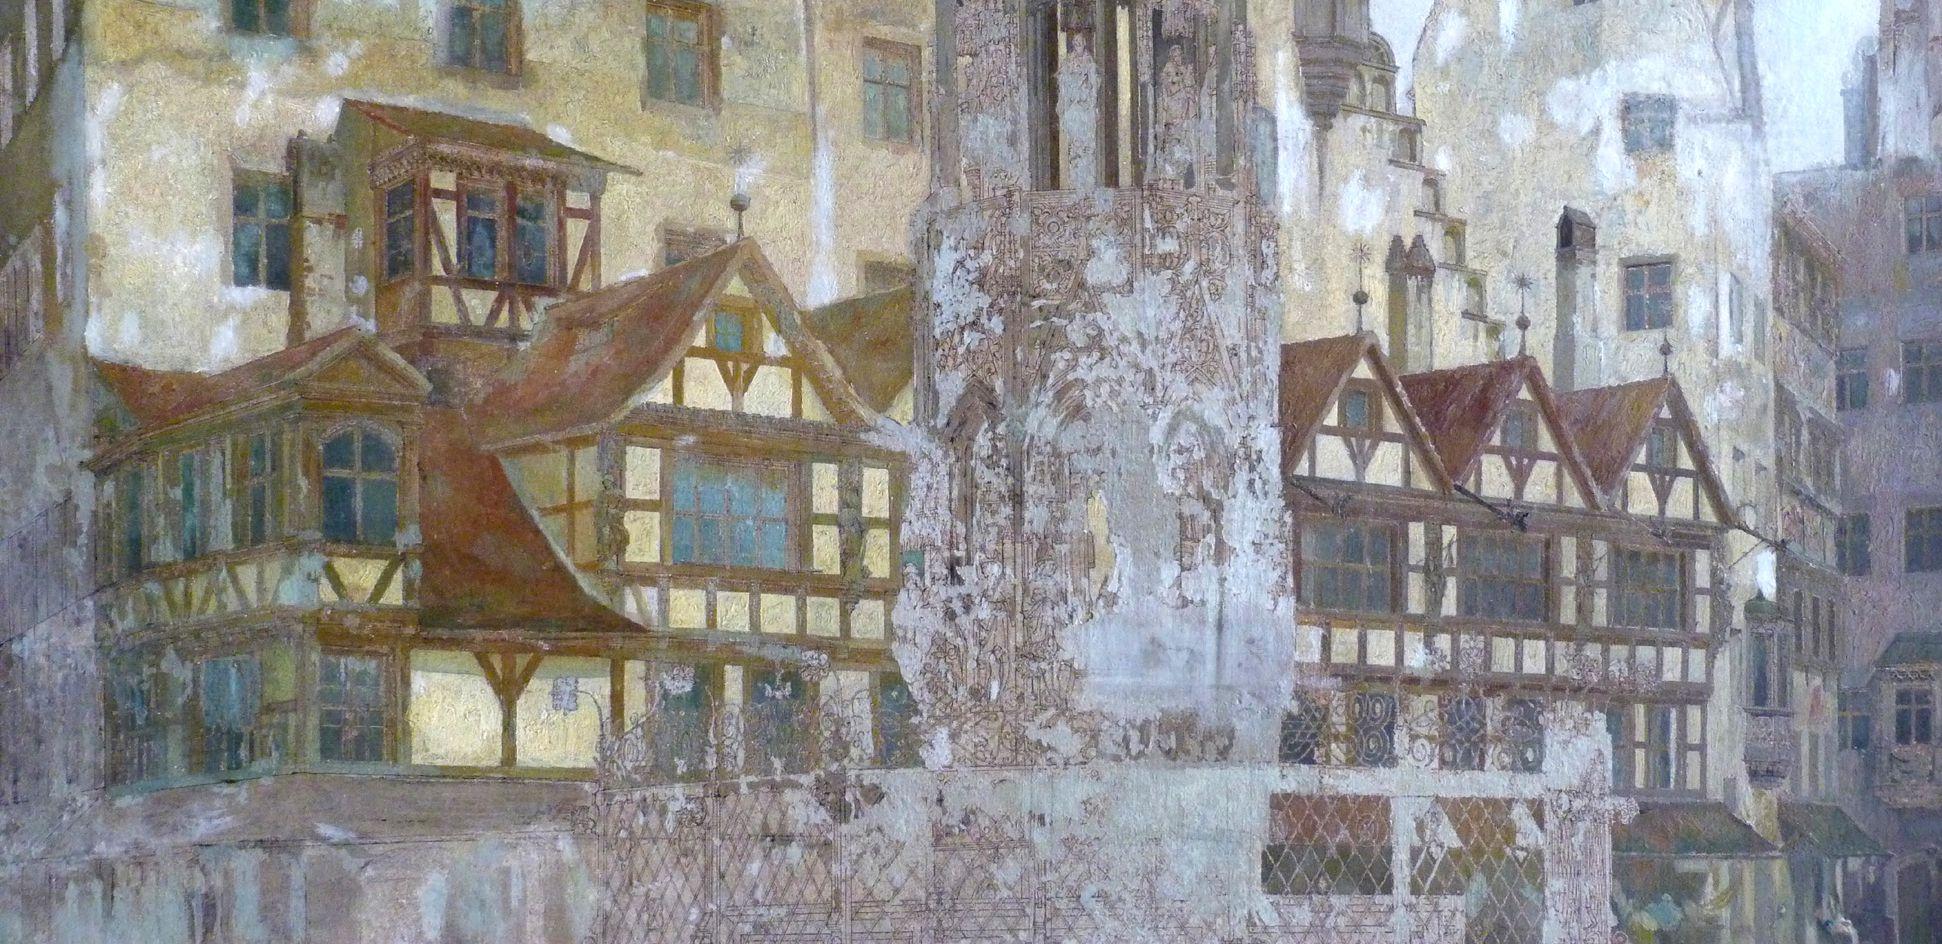 Schöner Brunnen und Meyer´sches Haus unteres Bilddrittel, Detailansicht